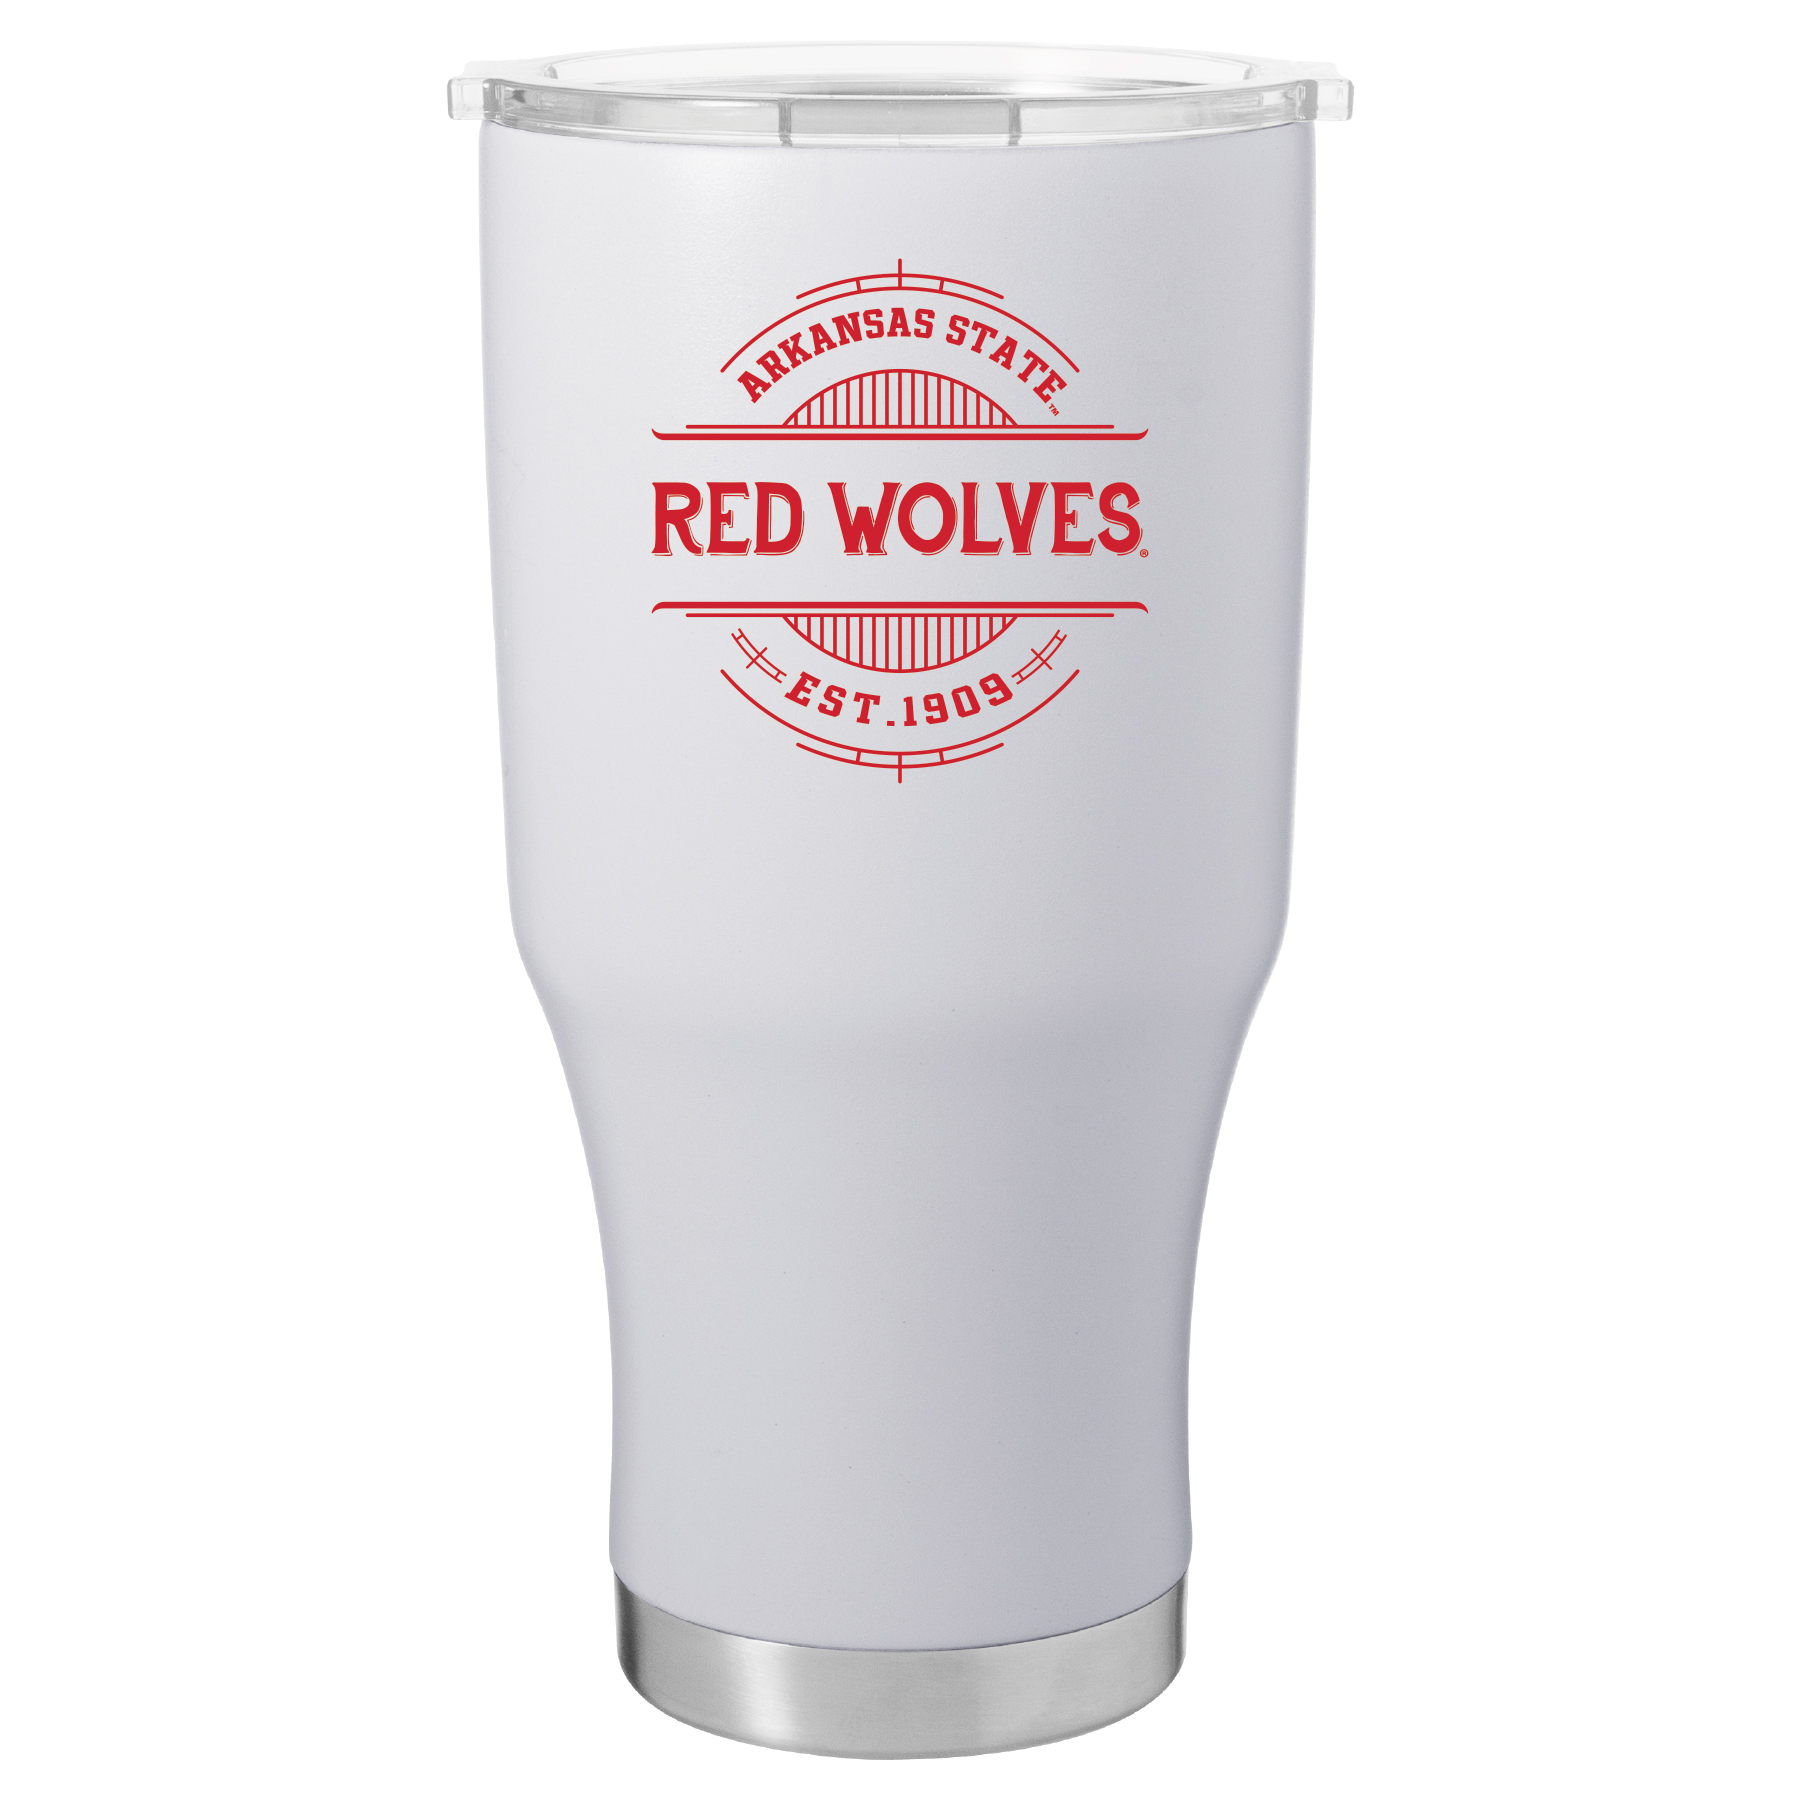 Arkansas State Red Wolves 28oz Tumbler